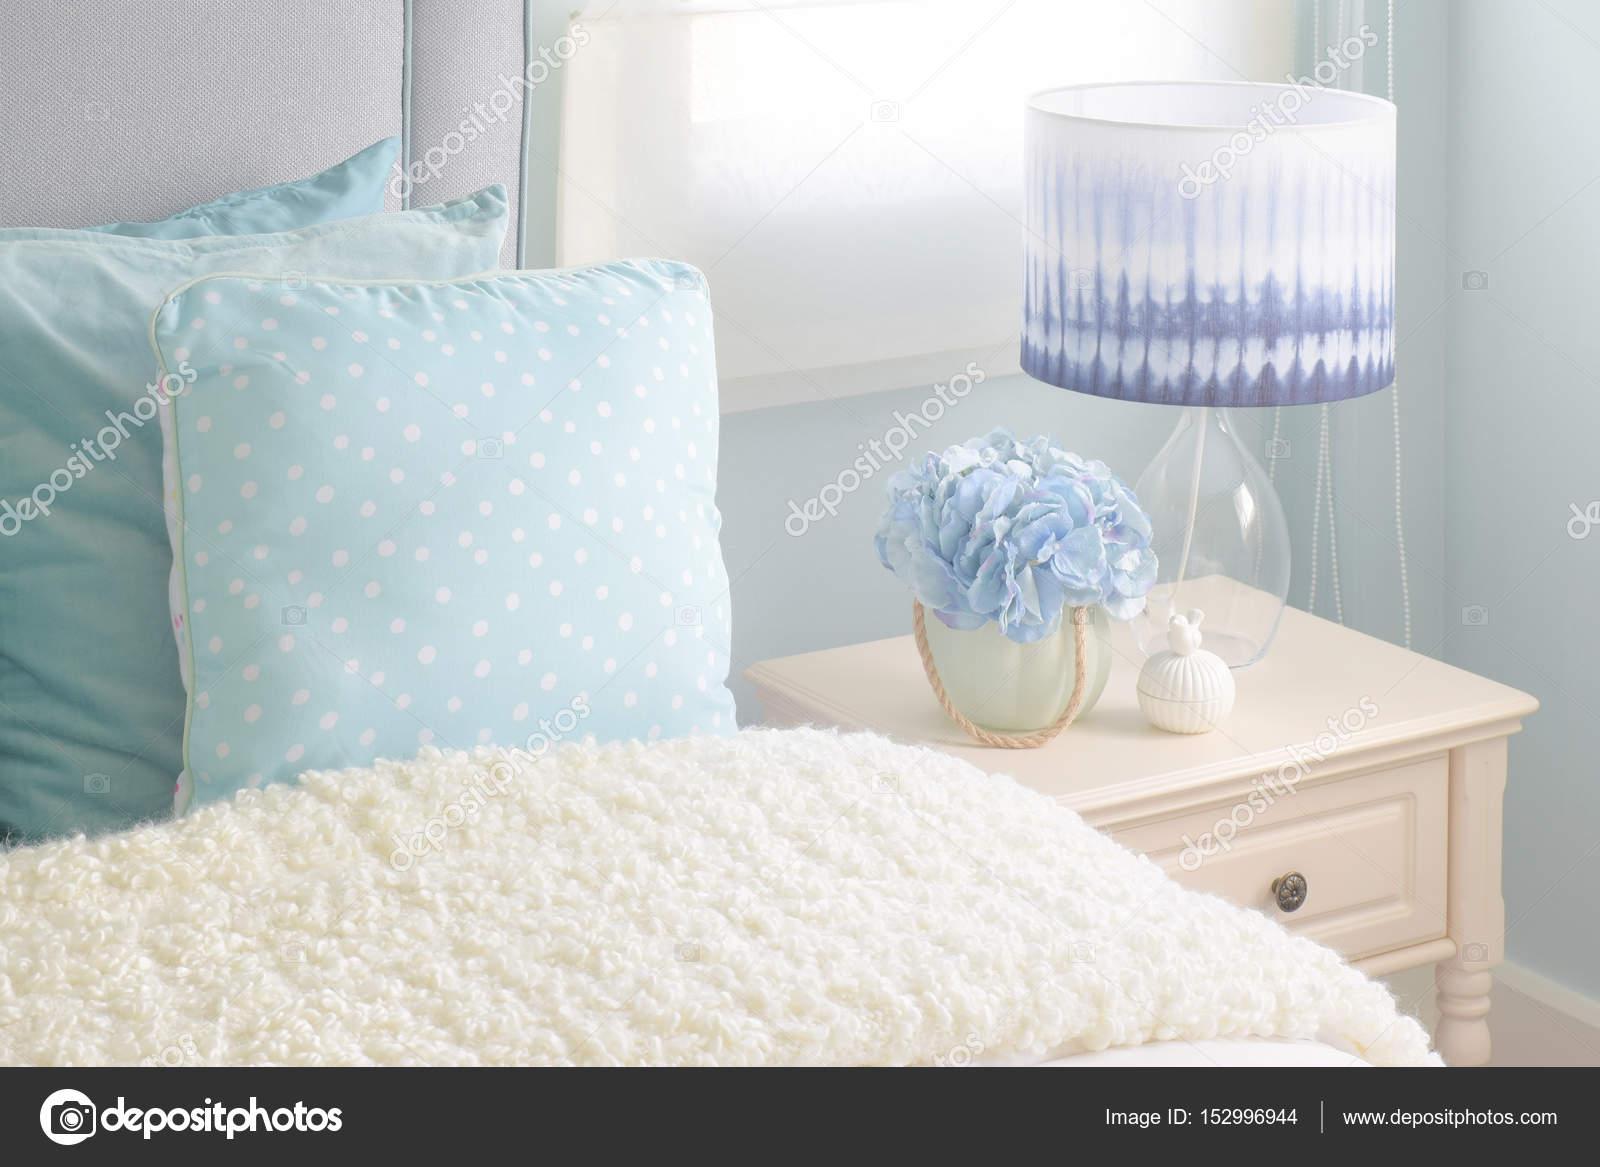 Leichte Blaue Kissen Und Creme Wattierte Decke In Leichte Blaue Innenraum  Schlafzimmer U2014 Stockfoto